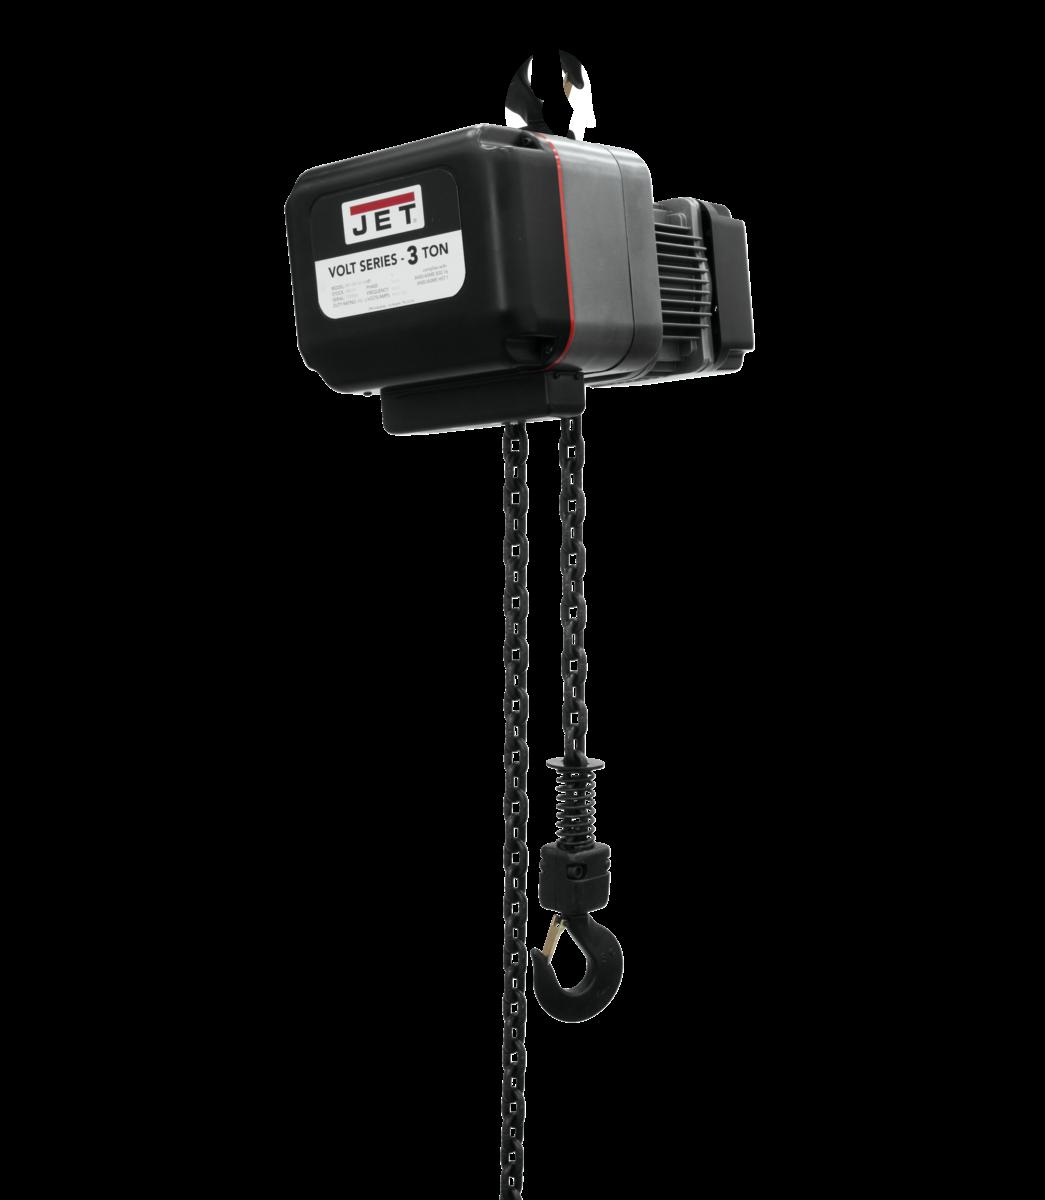 VOLT 3T VARIABLE-SPEED ELECTRIC HOIST  3PH 230V 30' LIFT